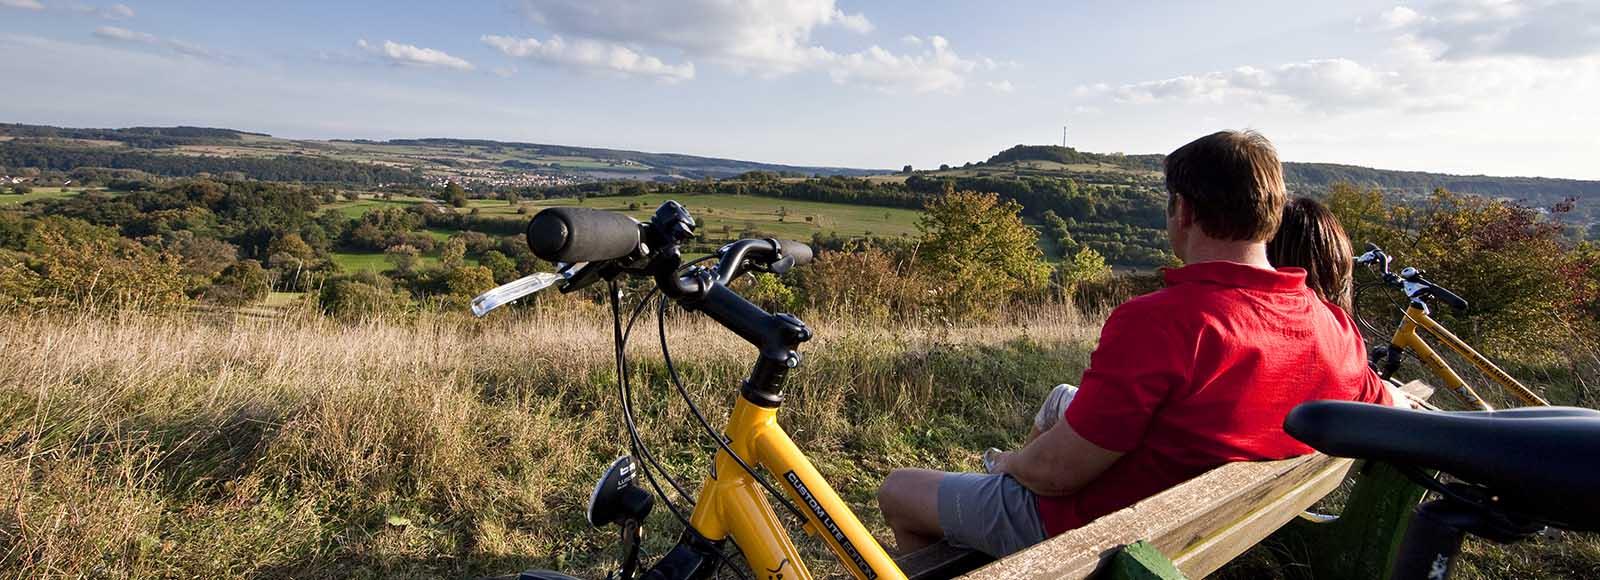 Fahrradpause mit Aussicht